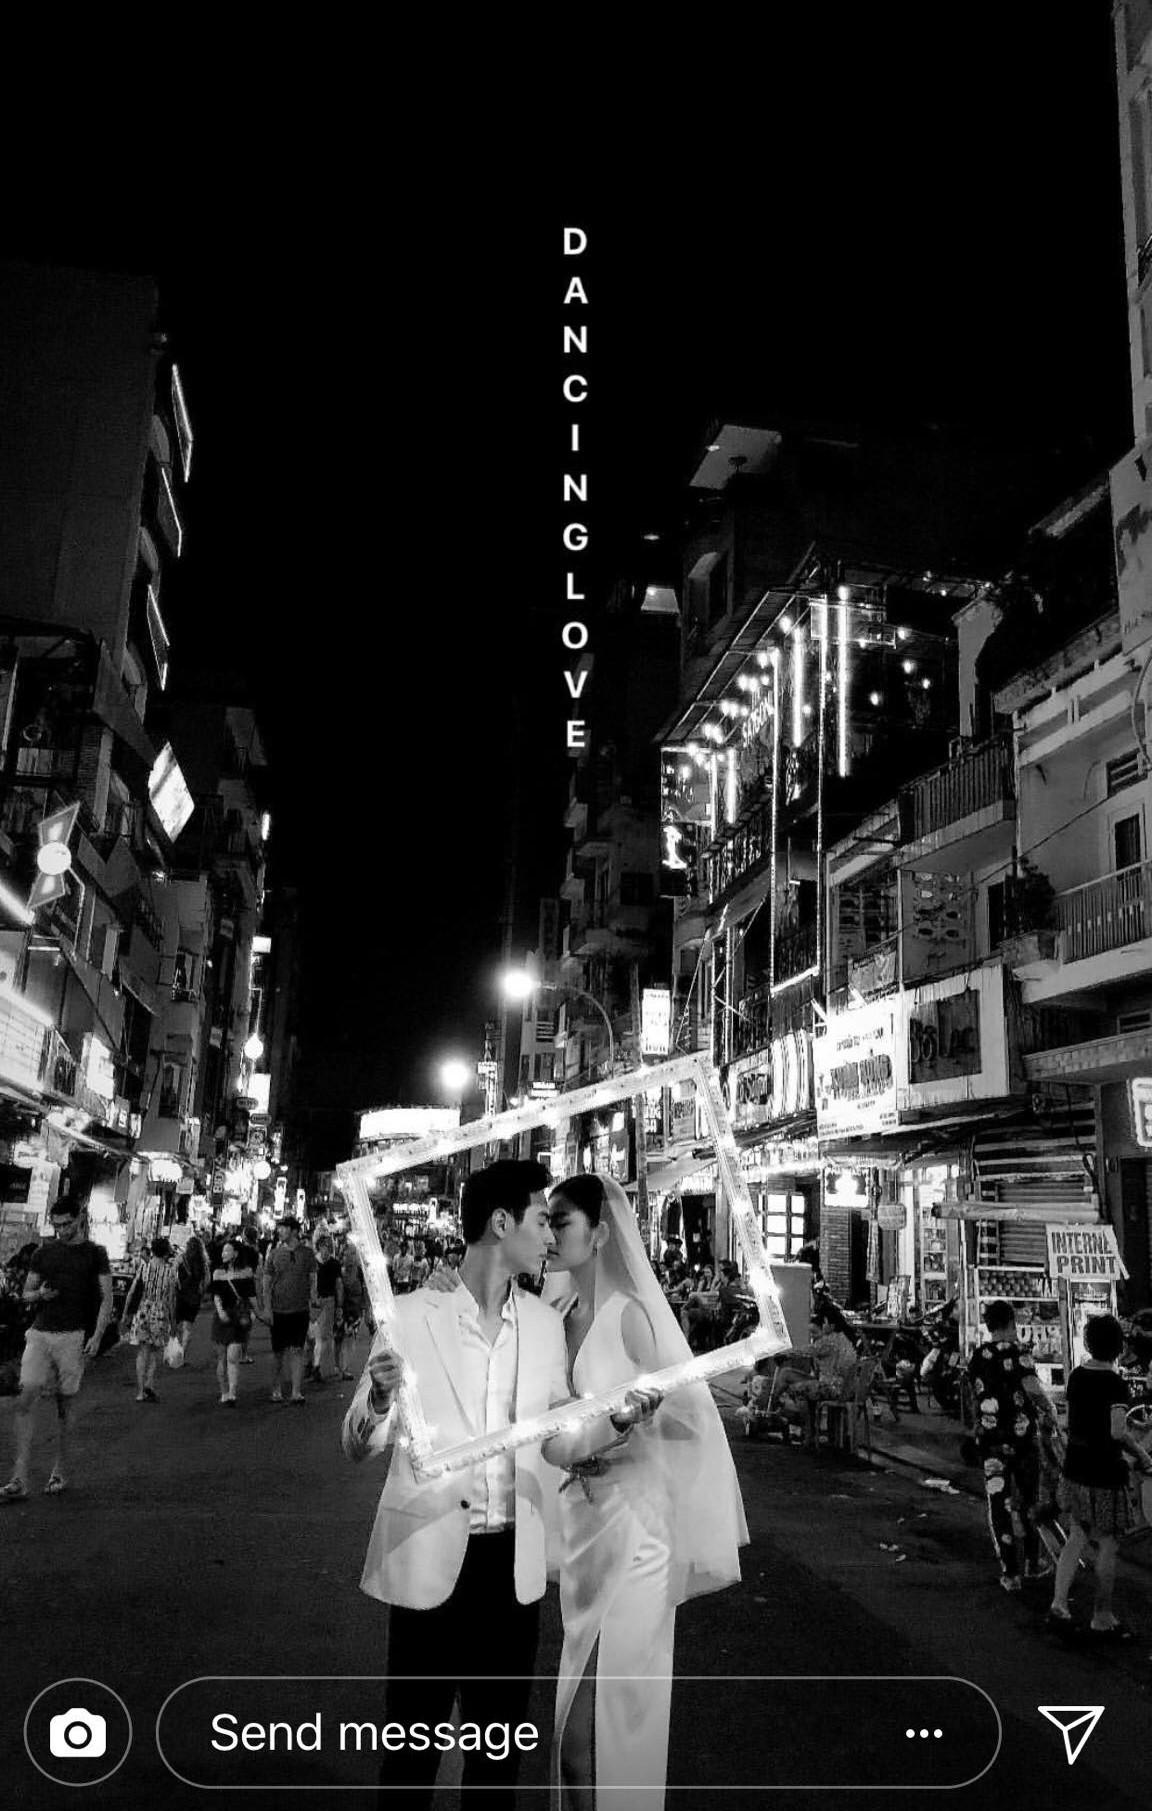 Chúng Huyền Thanh mặc đầm lộng lẫy, rạng rỡ đi chụp ảnh cưới với bạn trai - Ảnh 3.